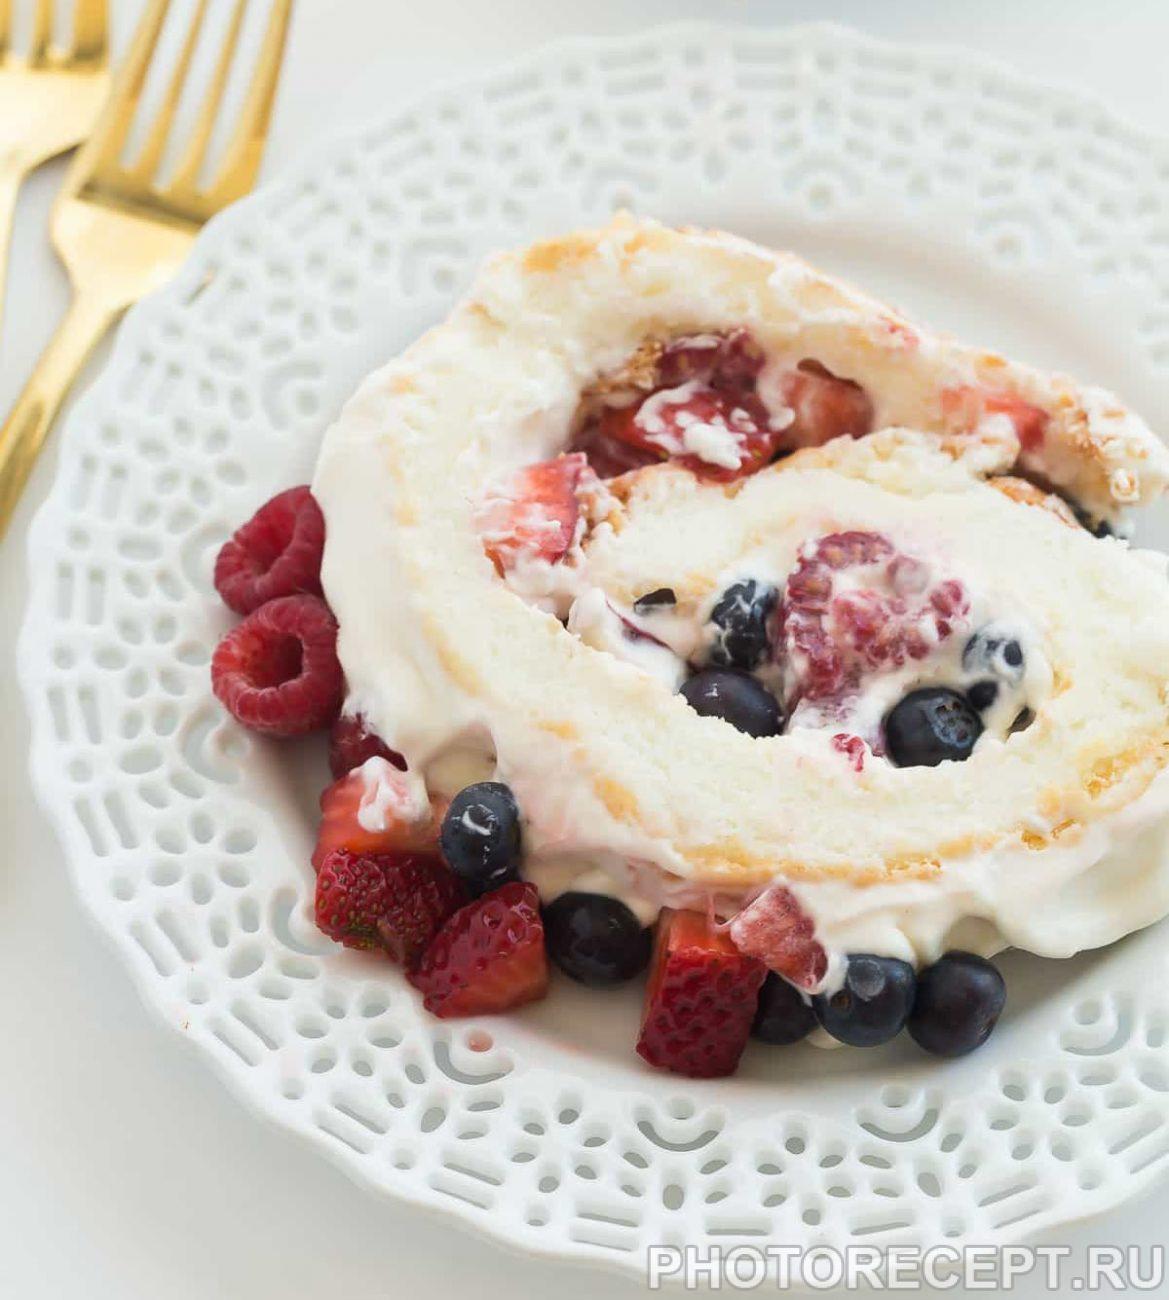 Белковый рулет с ягодами и взбитыми сливками